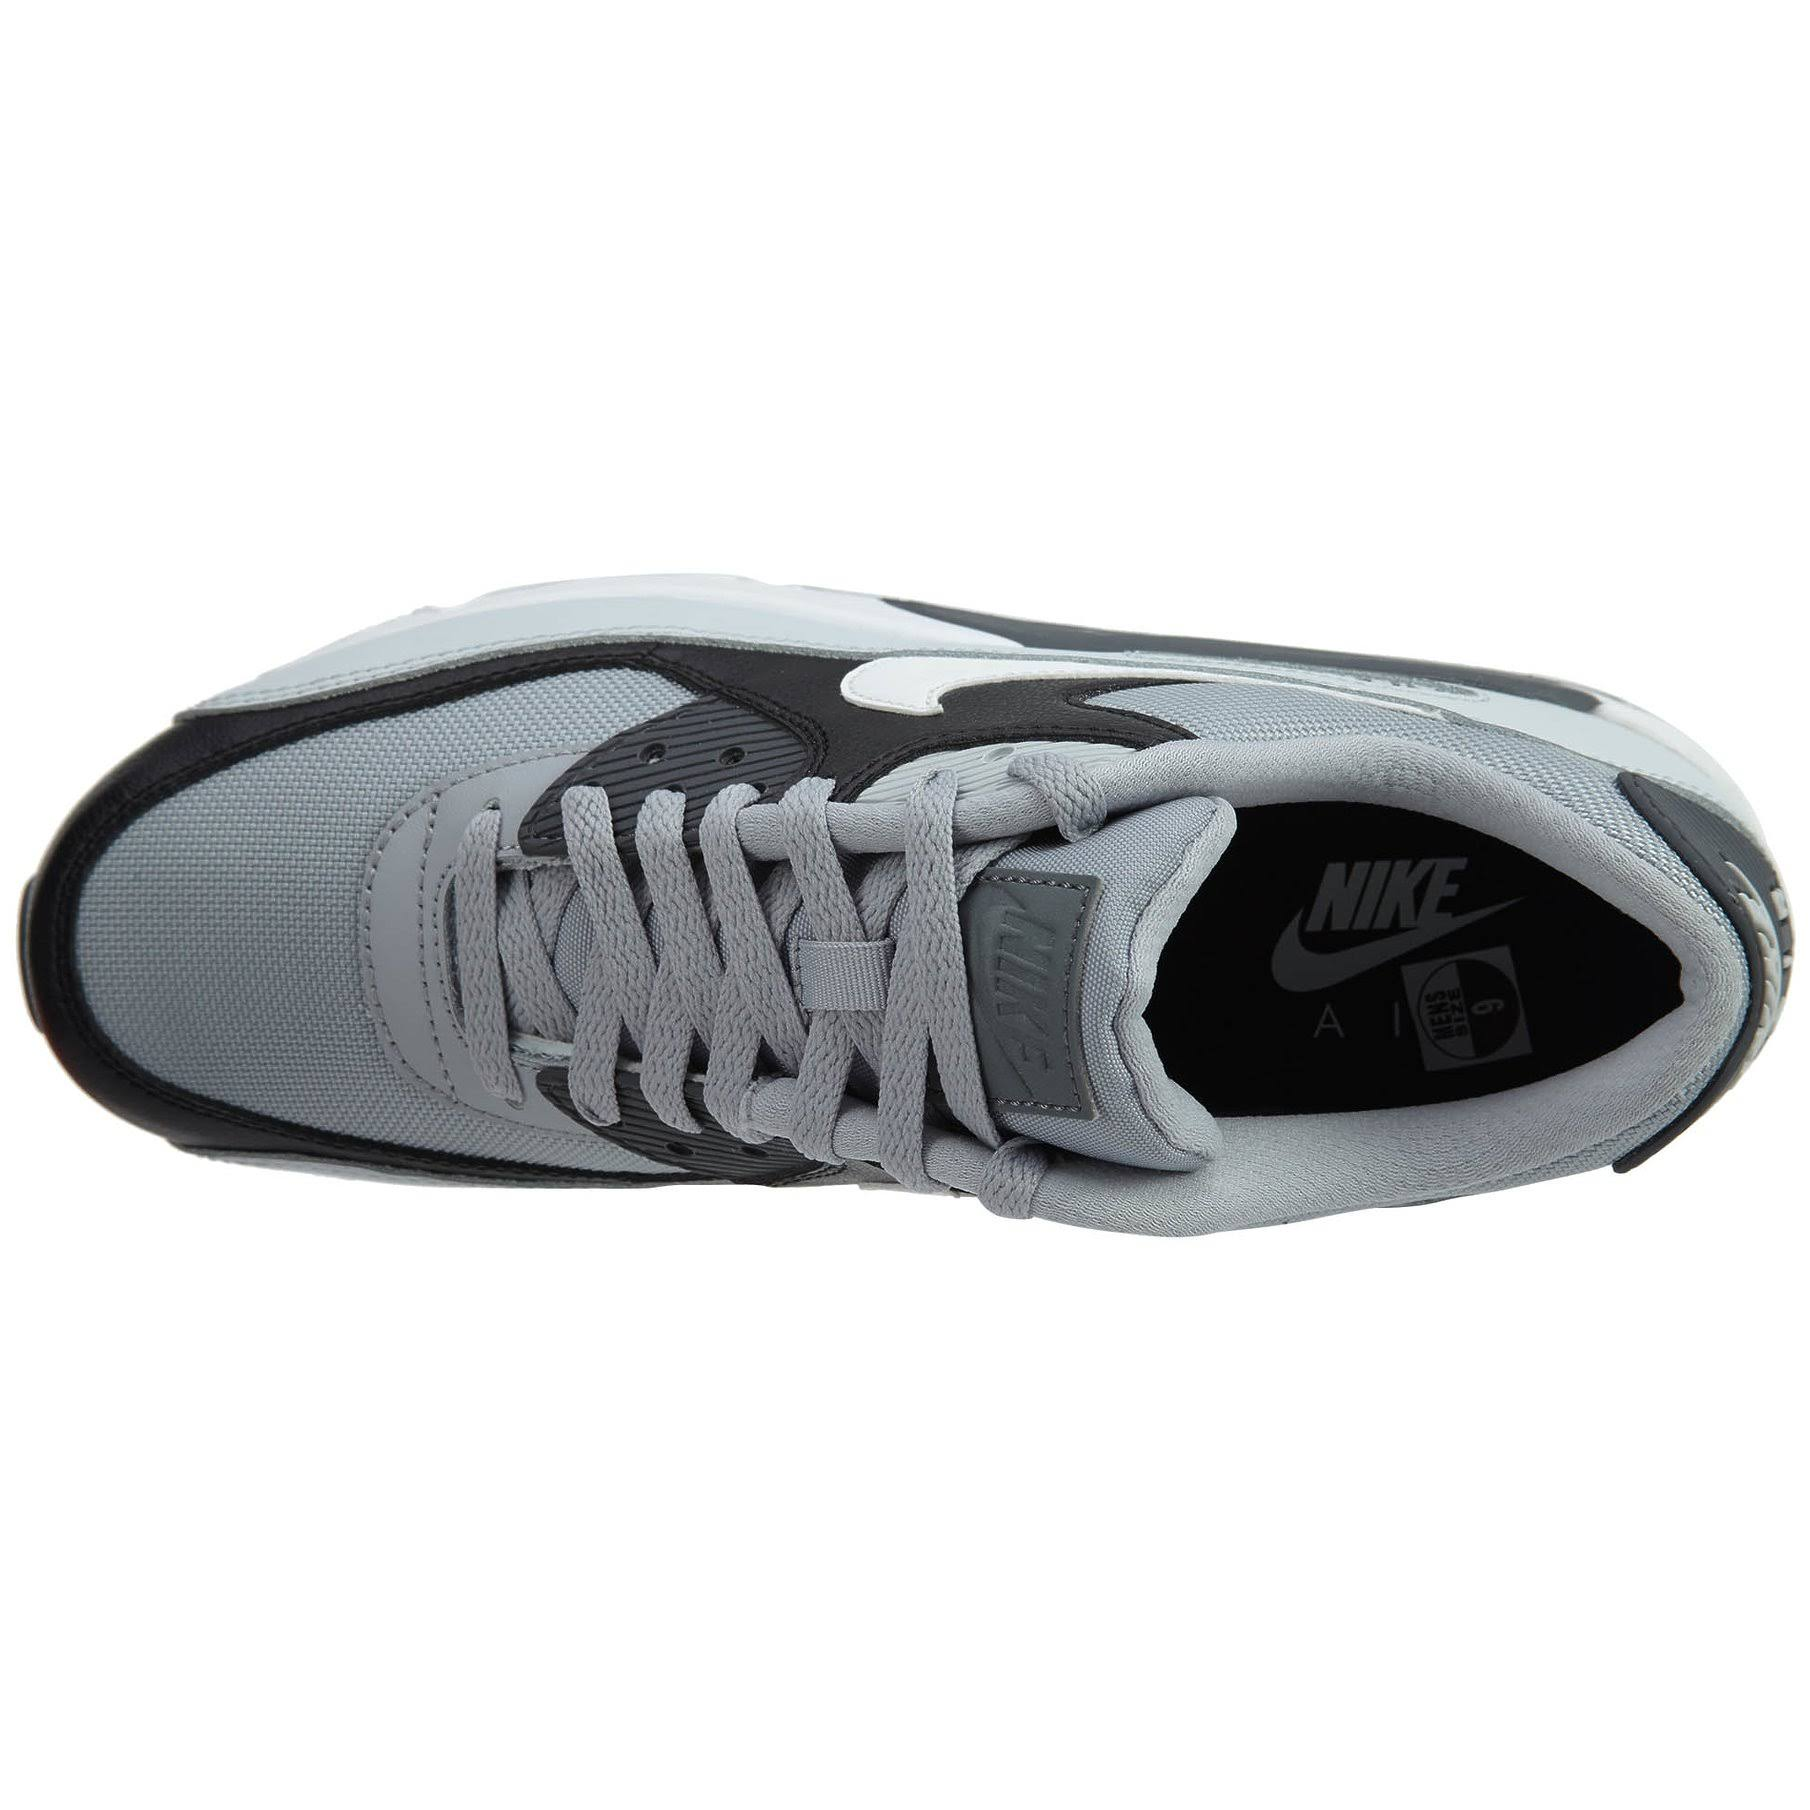 Grau Max Essential Nike Weiß 90 Wolf Air XfaqU